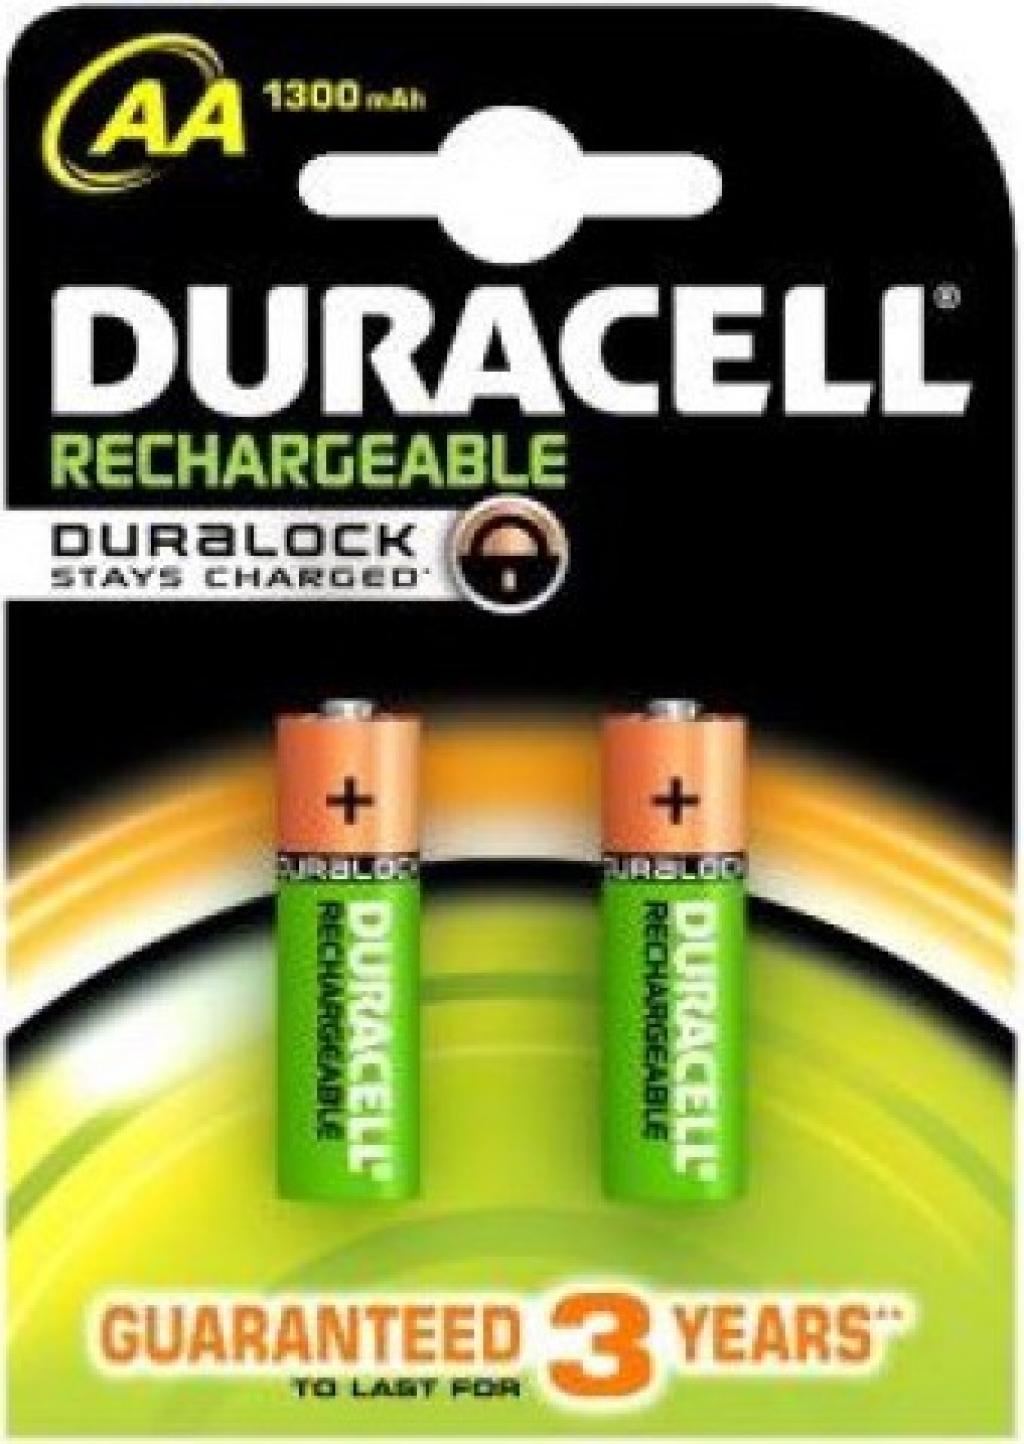 Батерии Duracell AA 2BCd 1300 mAh 10 акумулаторни